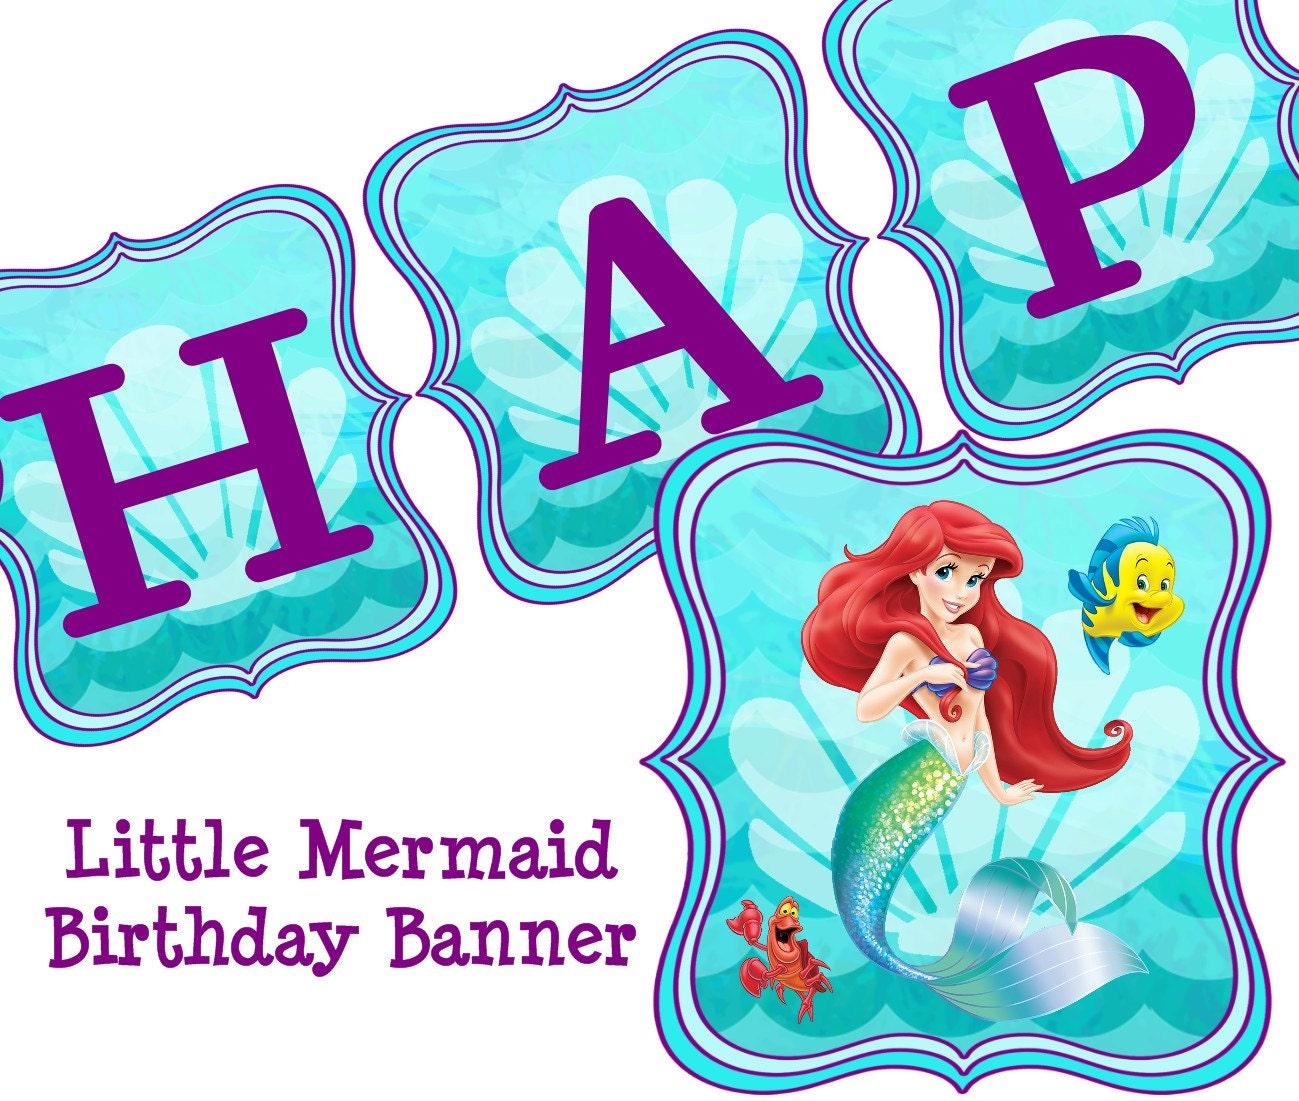 Disney Little Mermaid Birthday Banner Ariel By ColtelloDesign